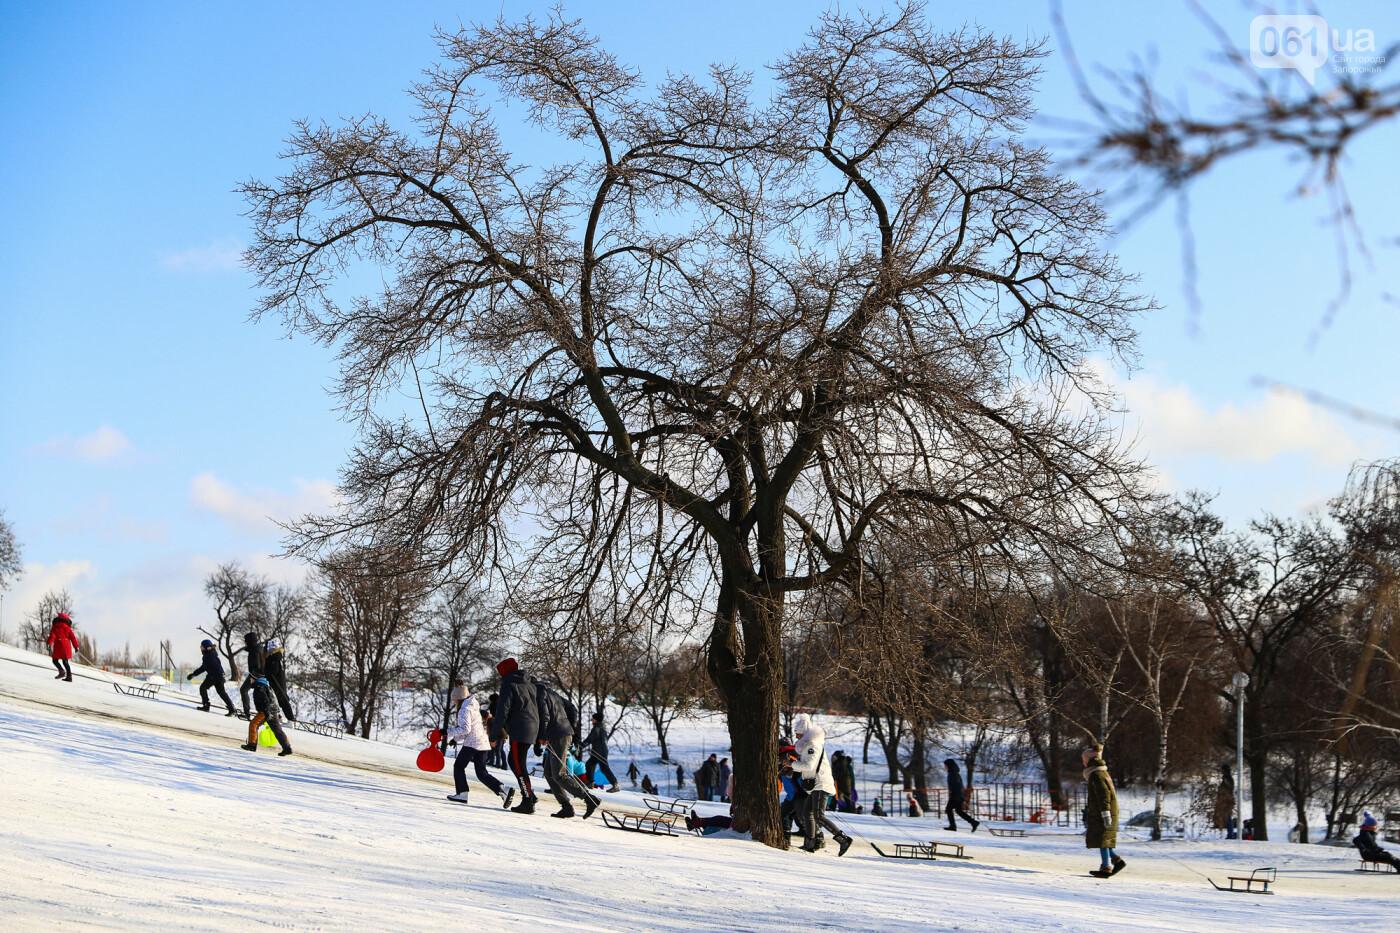 На санках, лыжах и сноуборде: запорожцы устроили массовое катание с горок в Вознесеновском парке, - ФОТОРЕПОРТАЖ, фото-92